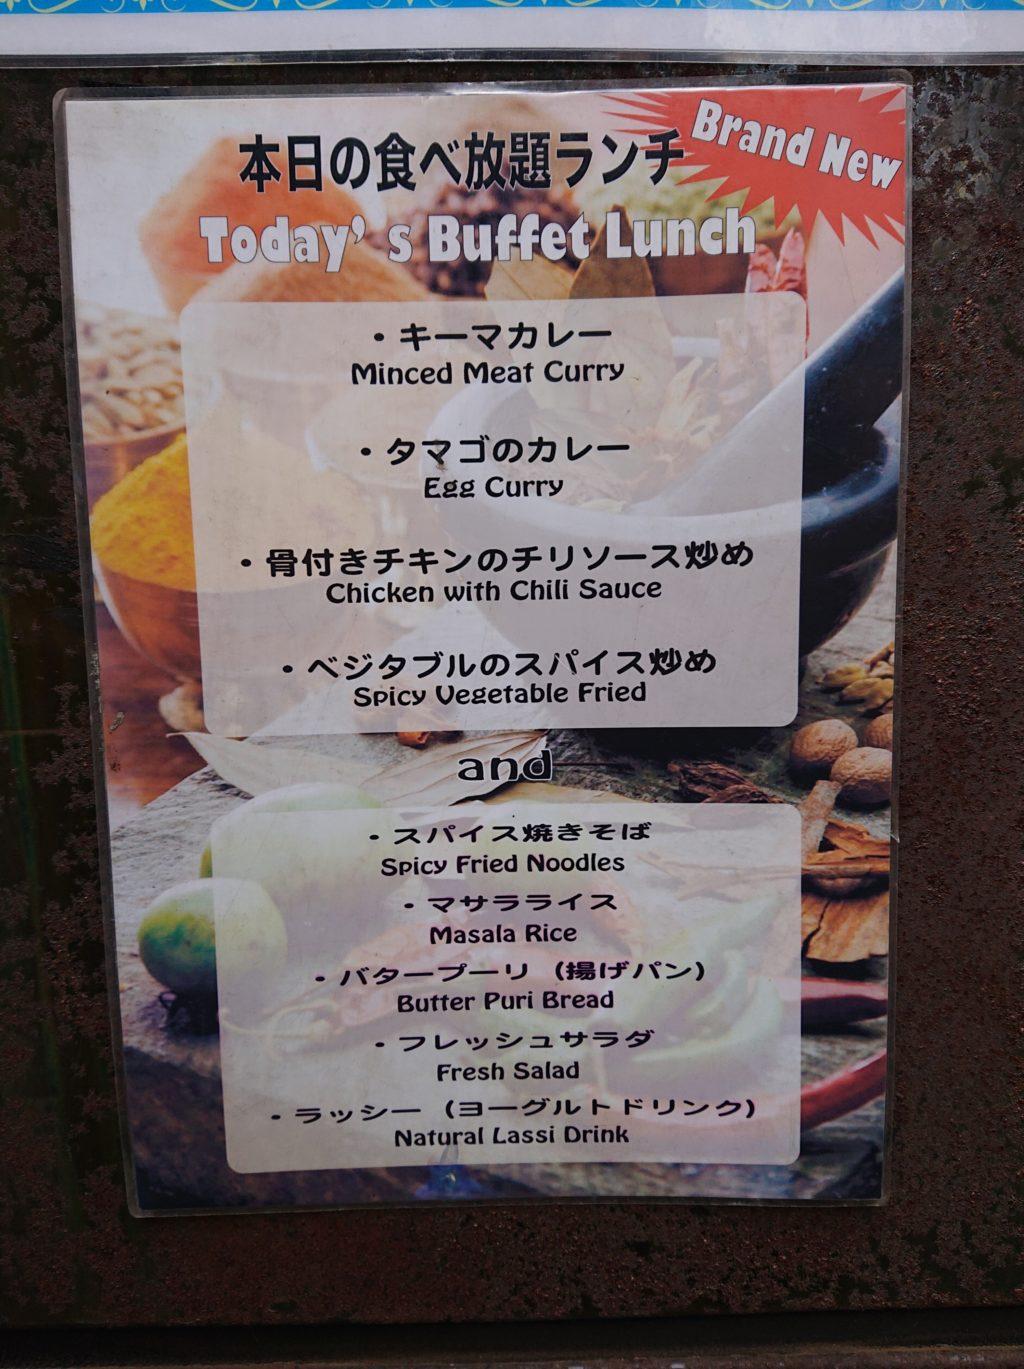 恵比寿 クンビラ (KHUMBILA) 本日の食べ放題ランチのメニュー